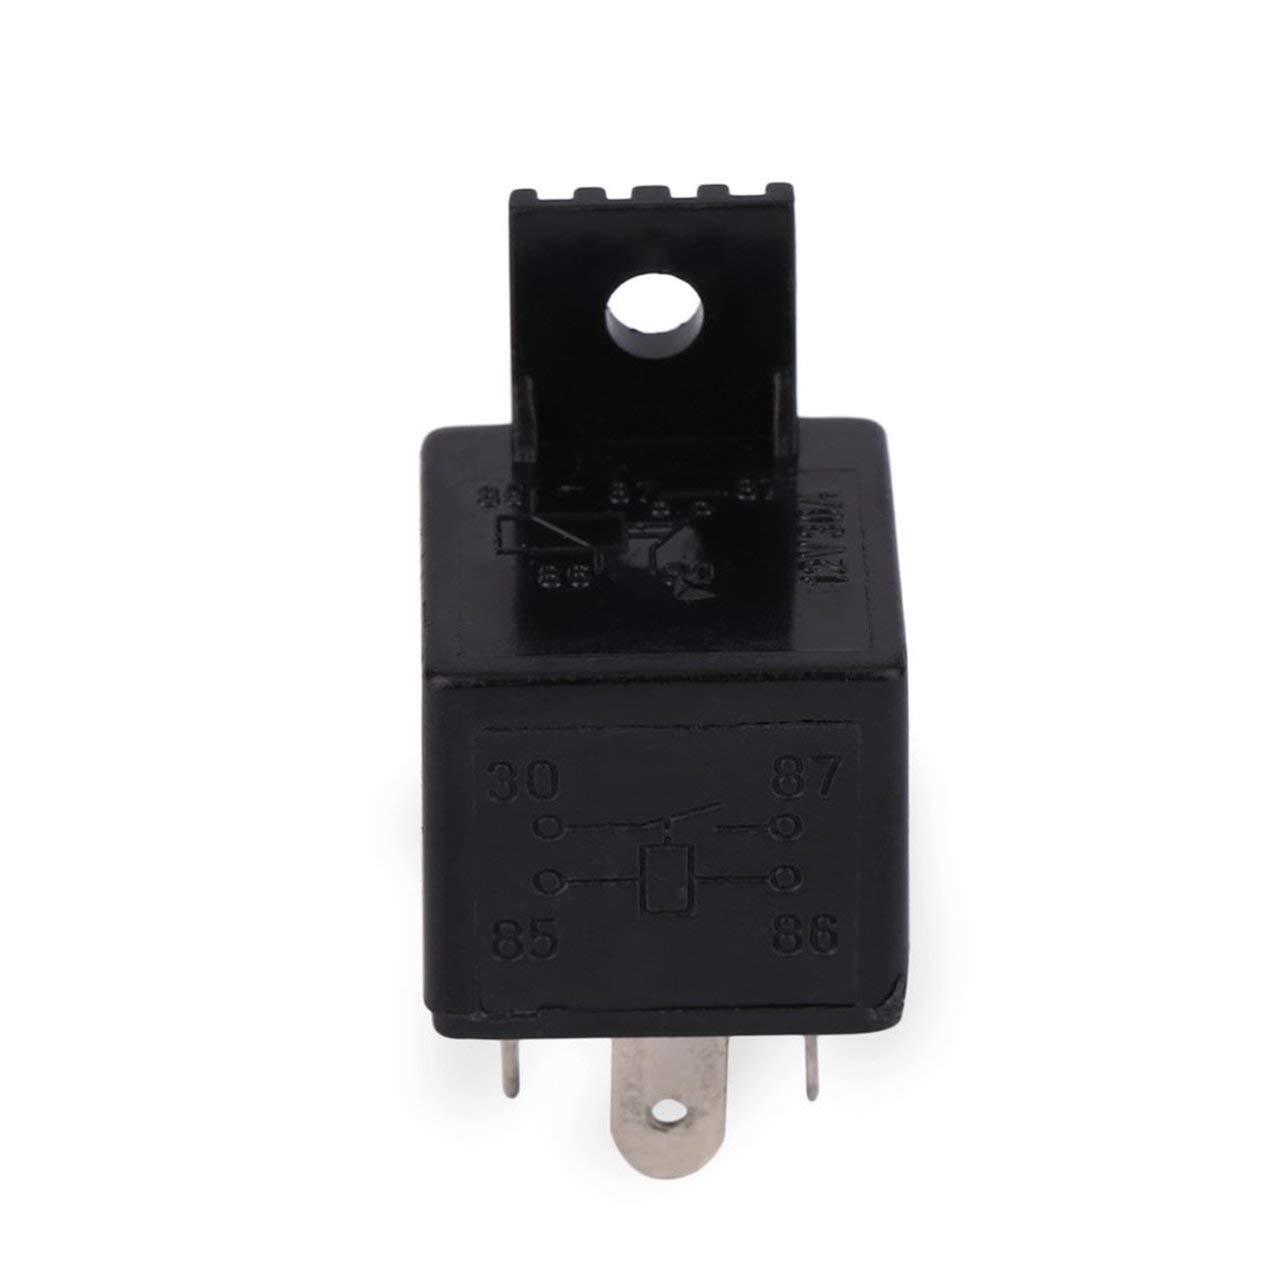 Relais automatique 4 relais de voiture de prise de fusible int/égr/é de CC 12V 30A de relais pour des pompes /à essence /électriques//pompes /à eau /électriques//phare